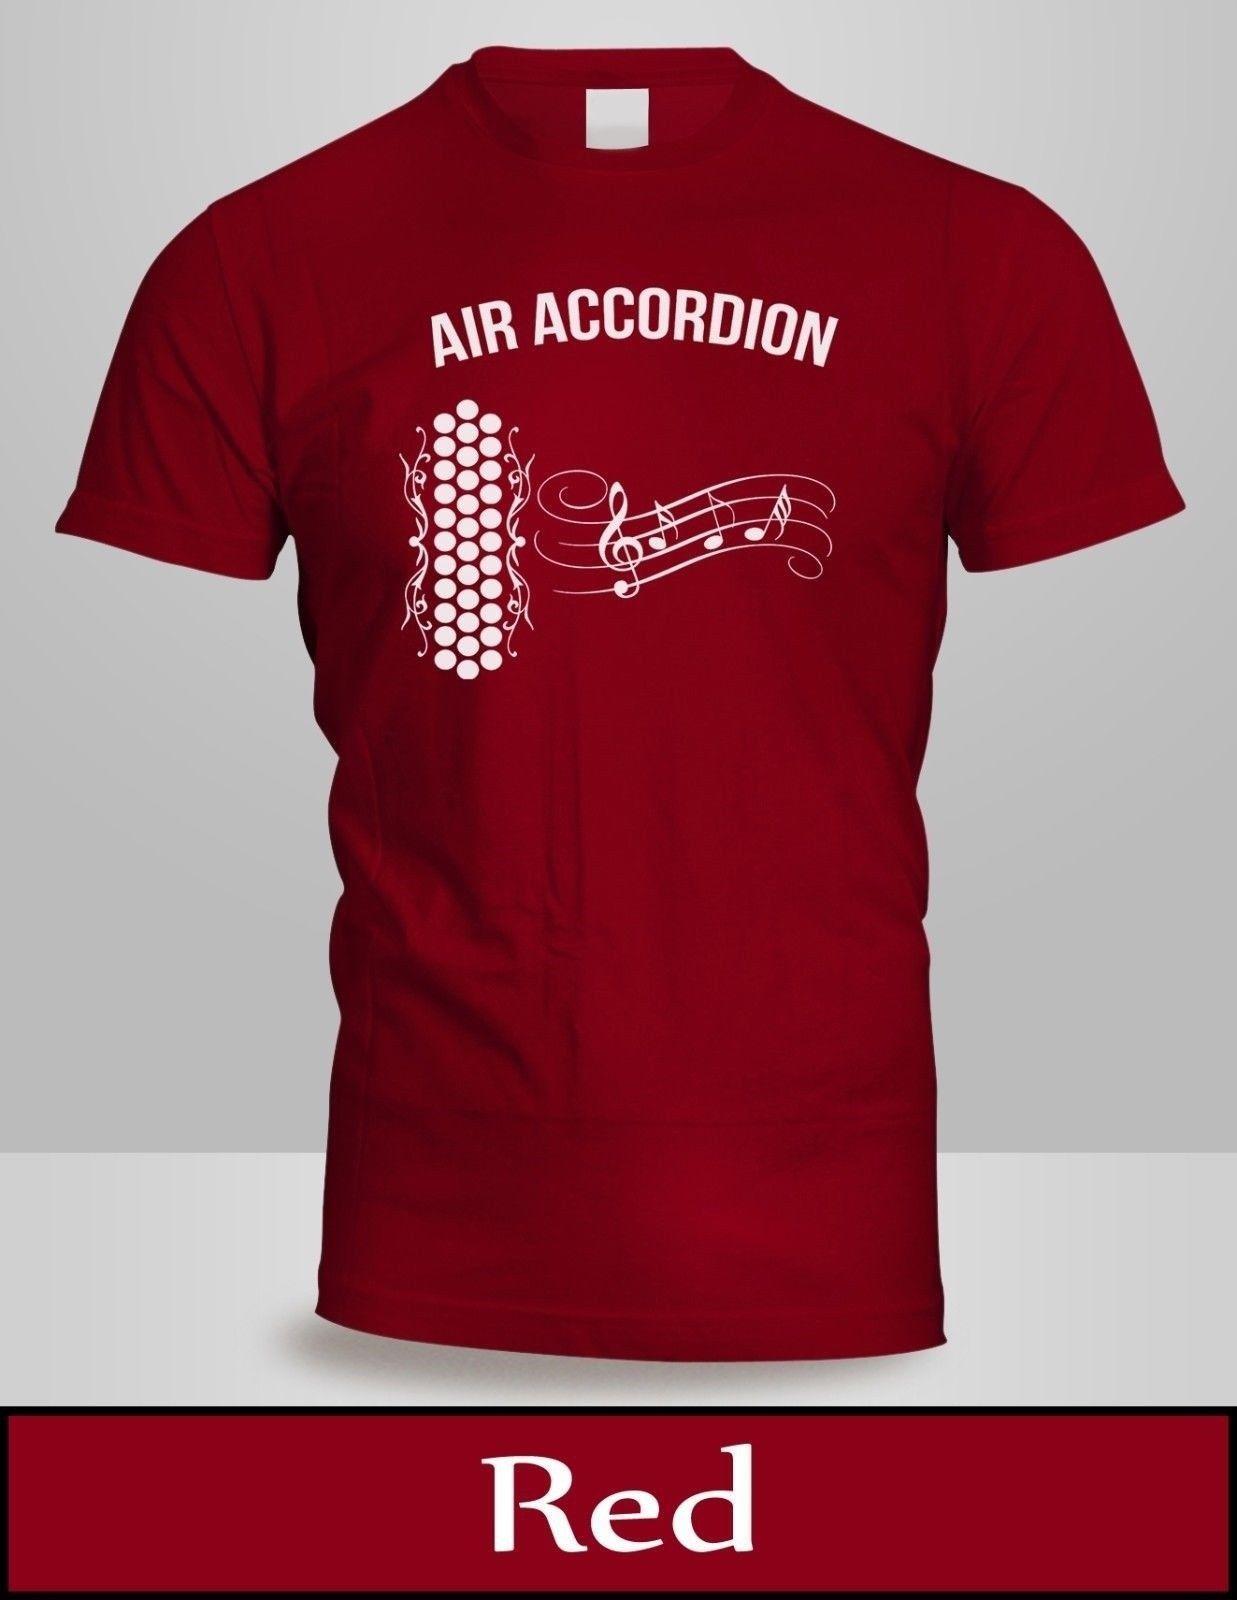 9f66daf1b Compre Air Accordion T Shirt Dos Homens Top Cor Vermelha Tee New Engraçado  Frete Grátis Unisex Top Casual De Countrysidelocks, $12.96 | Pt.Dhgate.Com